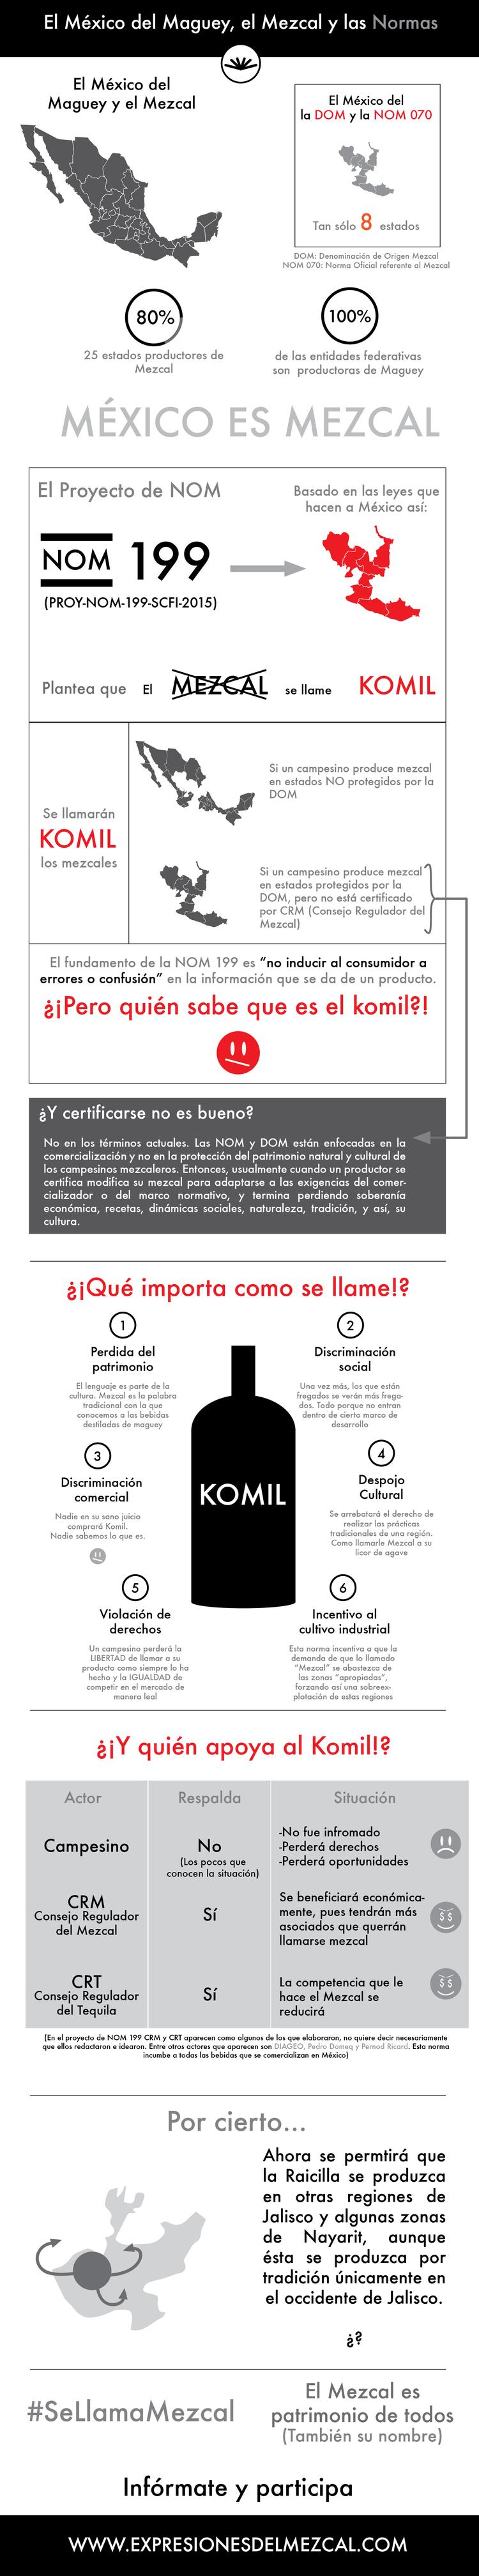 infografia nom 199